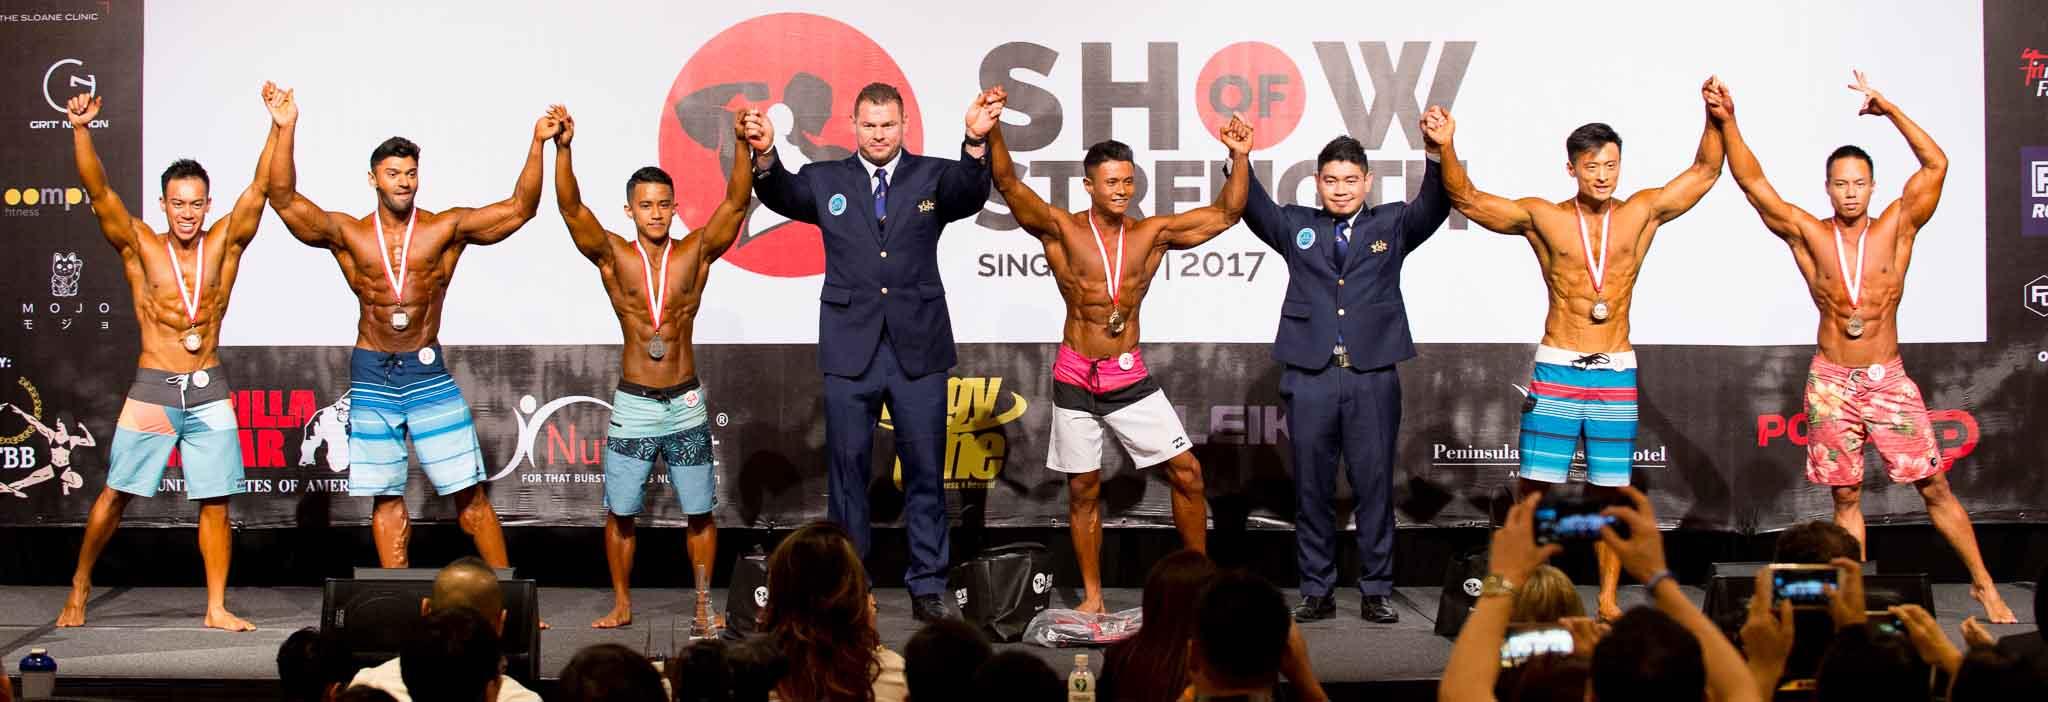 Men's Physique Short (up to 175cm)